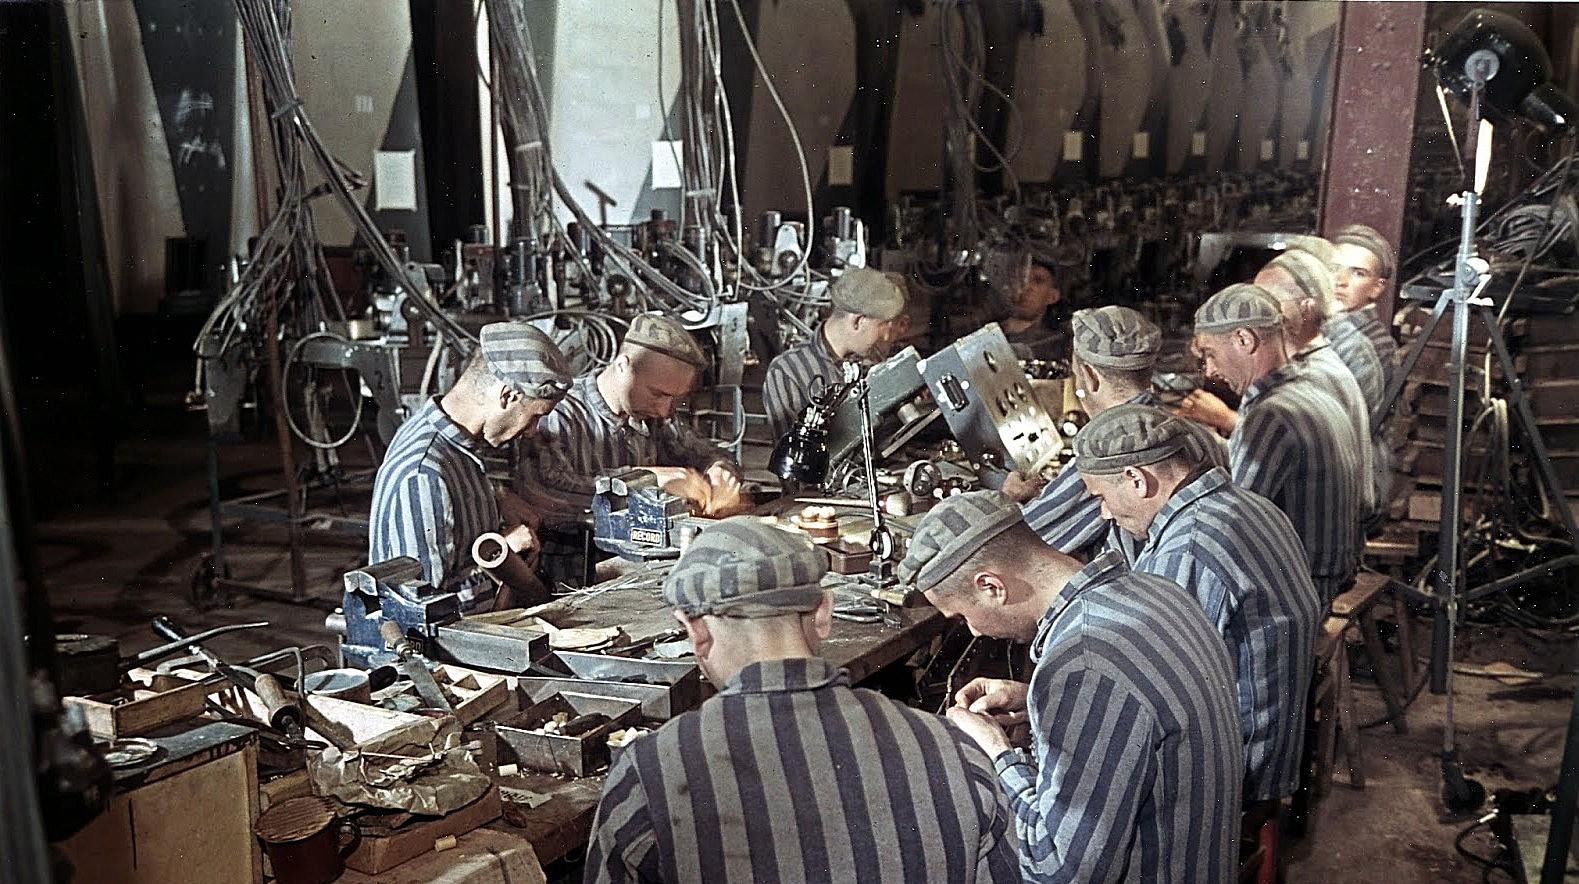 深山里的囚徒,二战彩色照片中被迫为德军生产导弹的囚犯